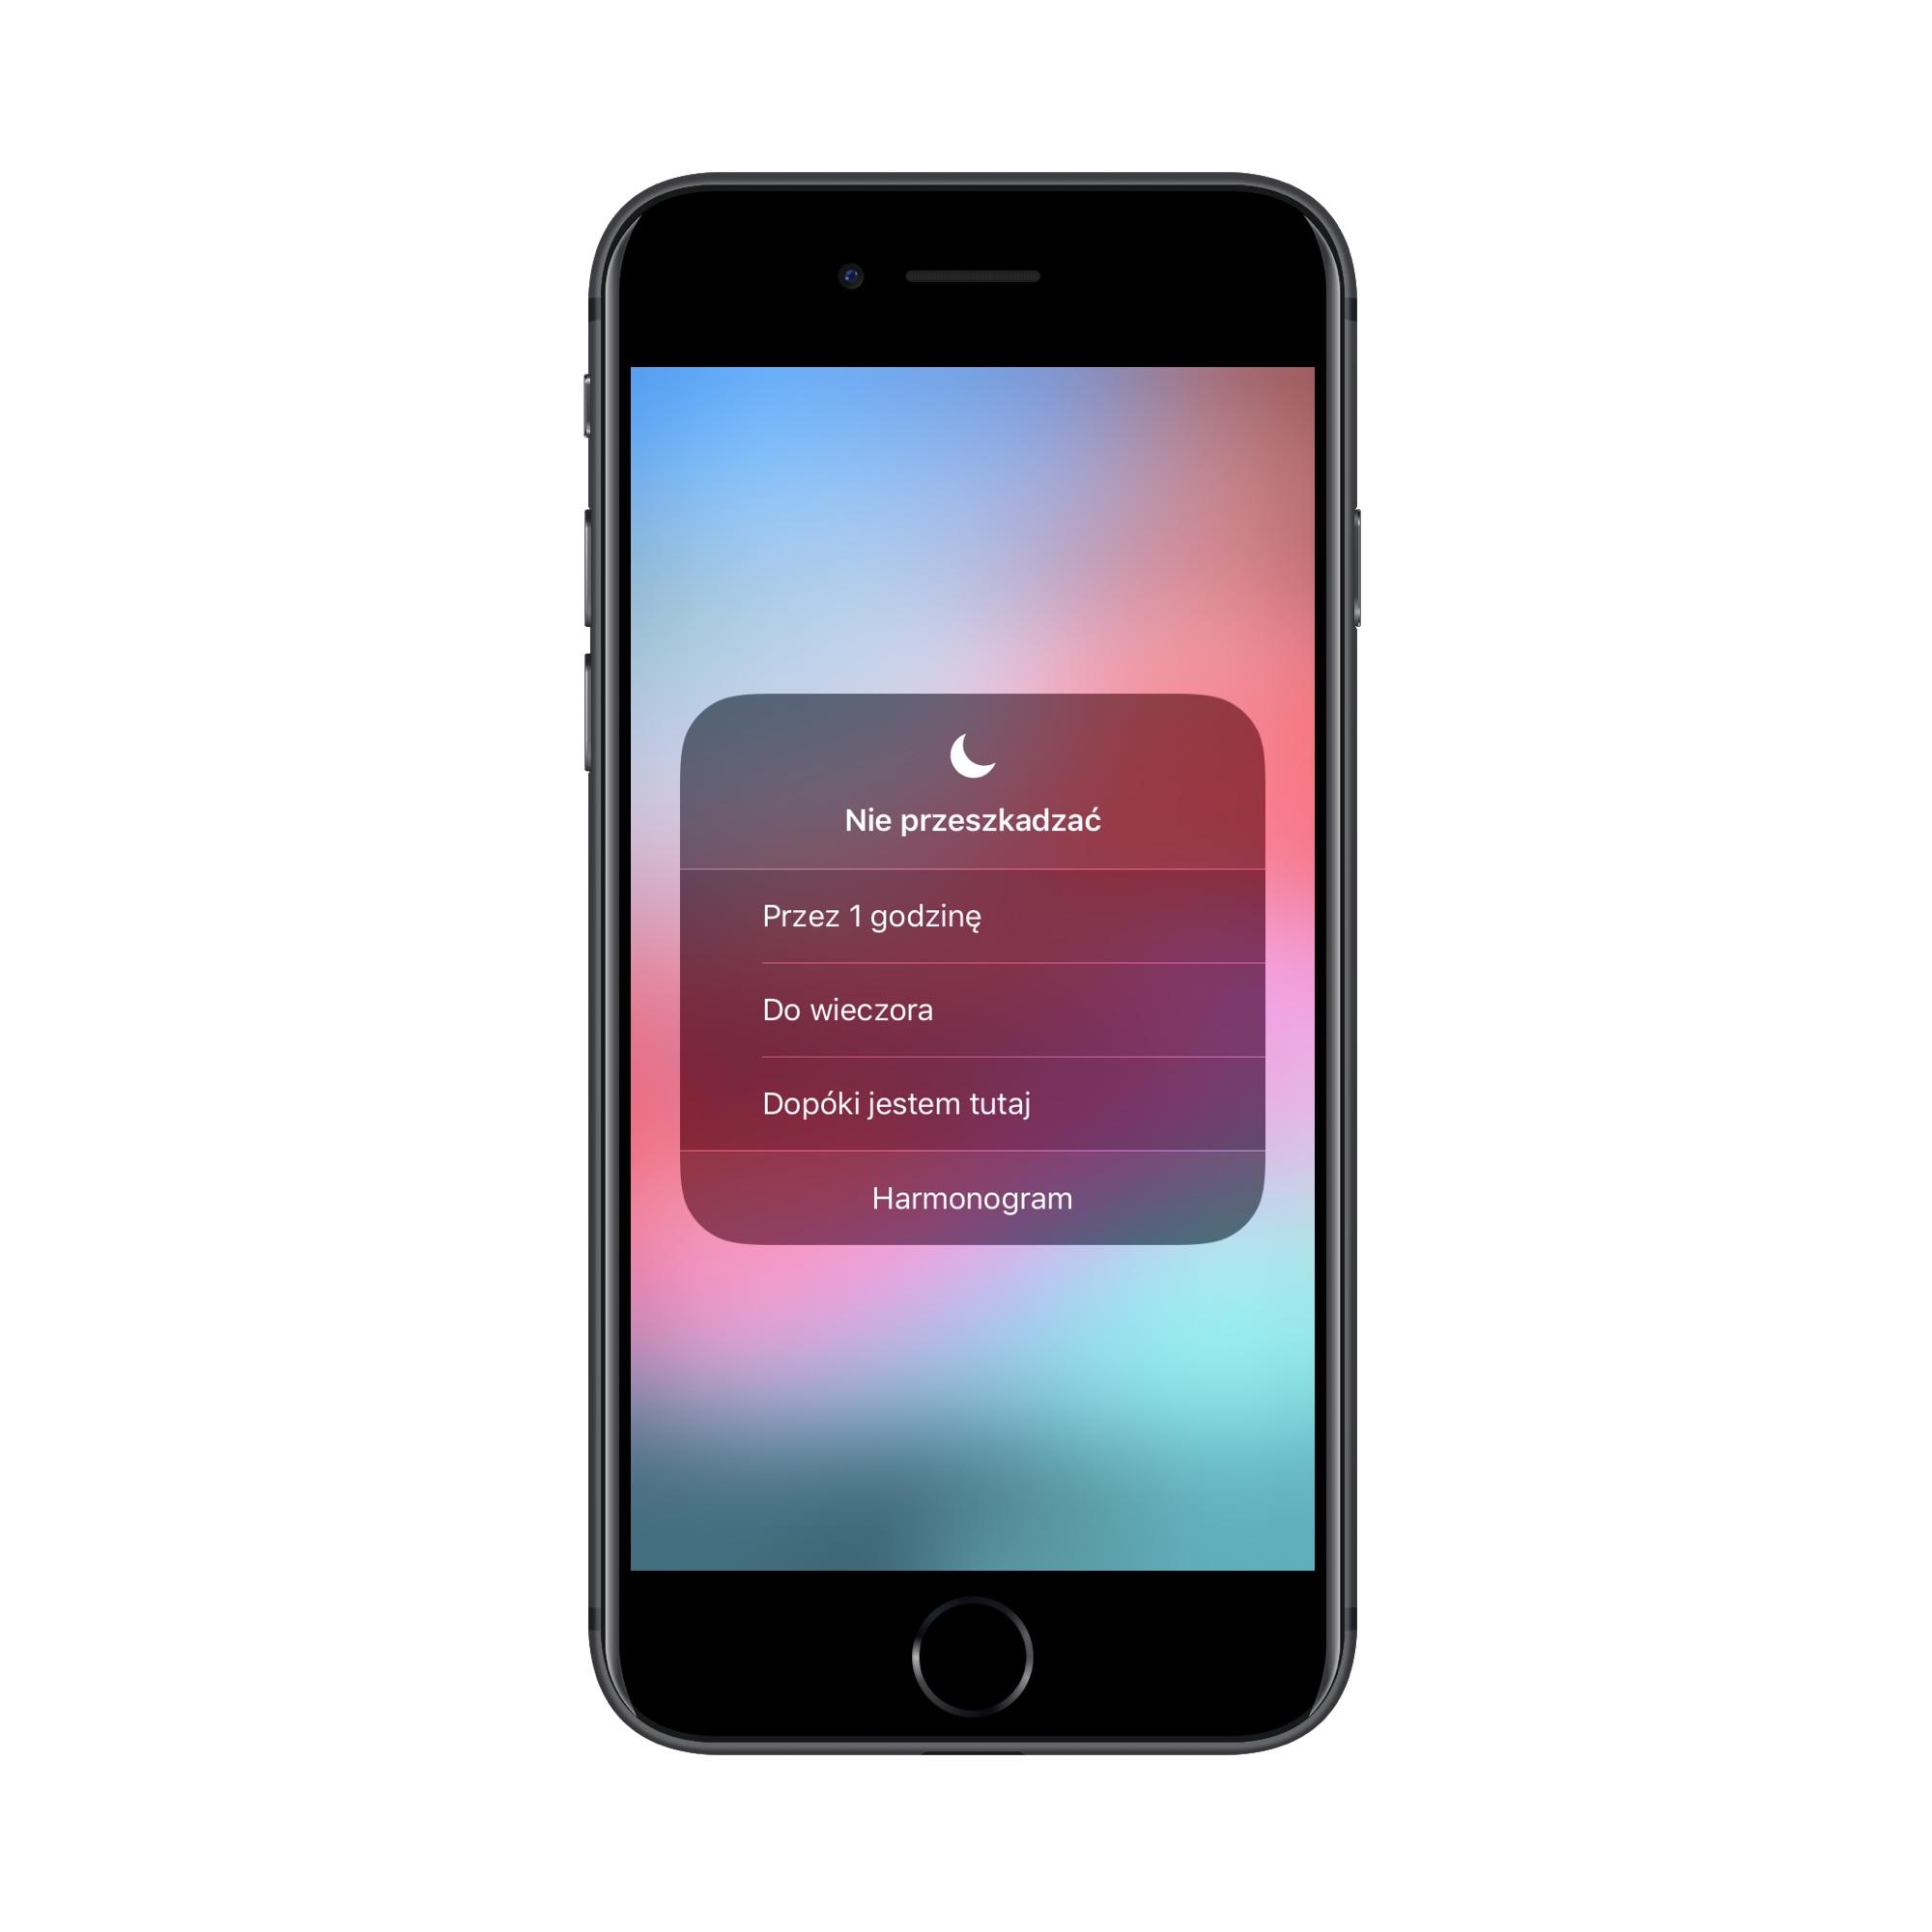 Funkcja Nie przeszkadzać w iOS 12